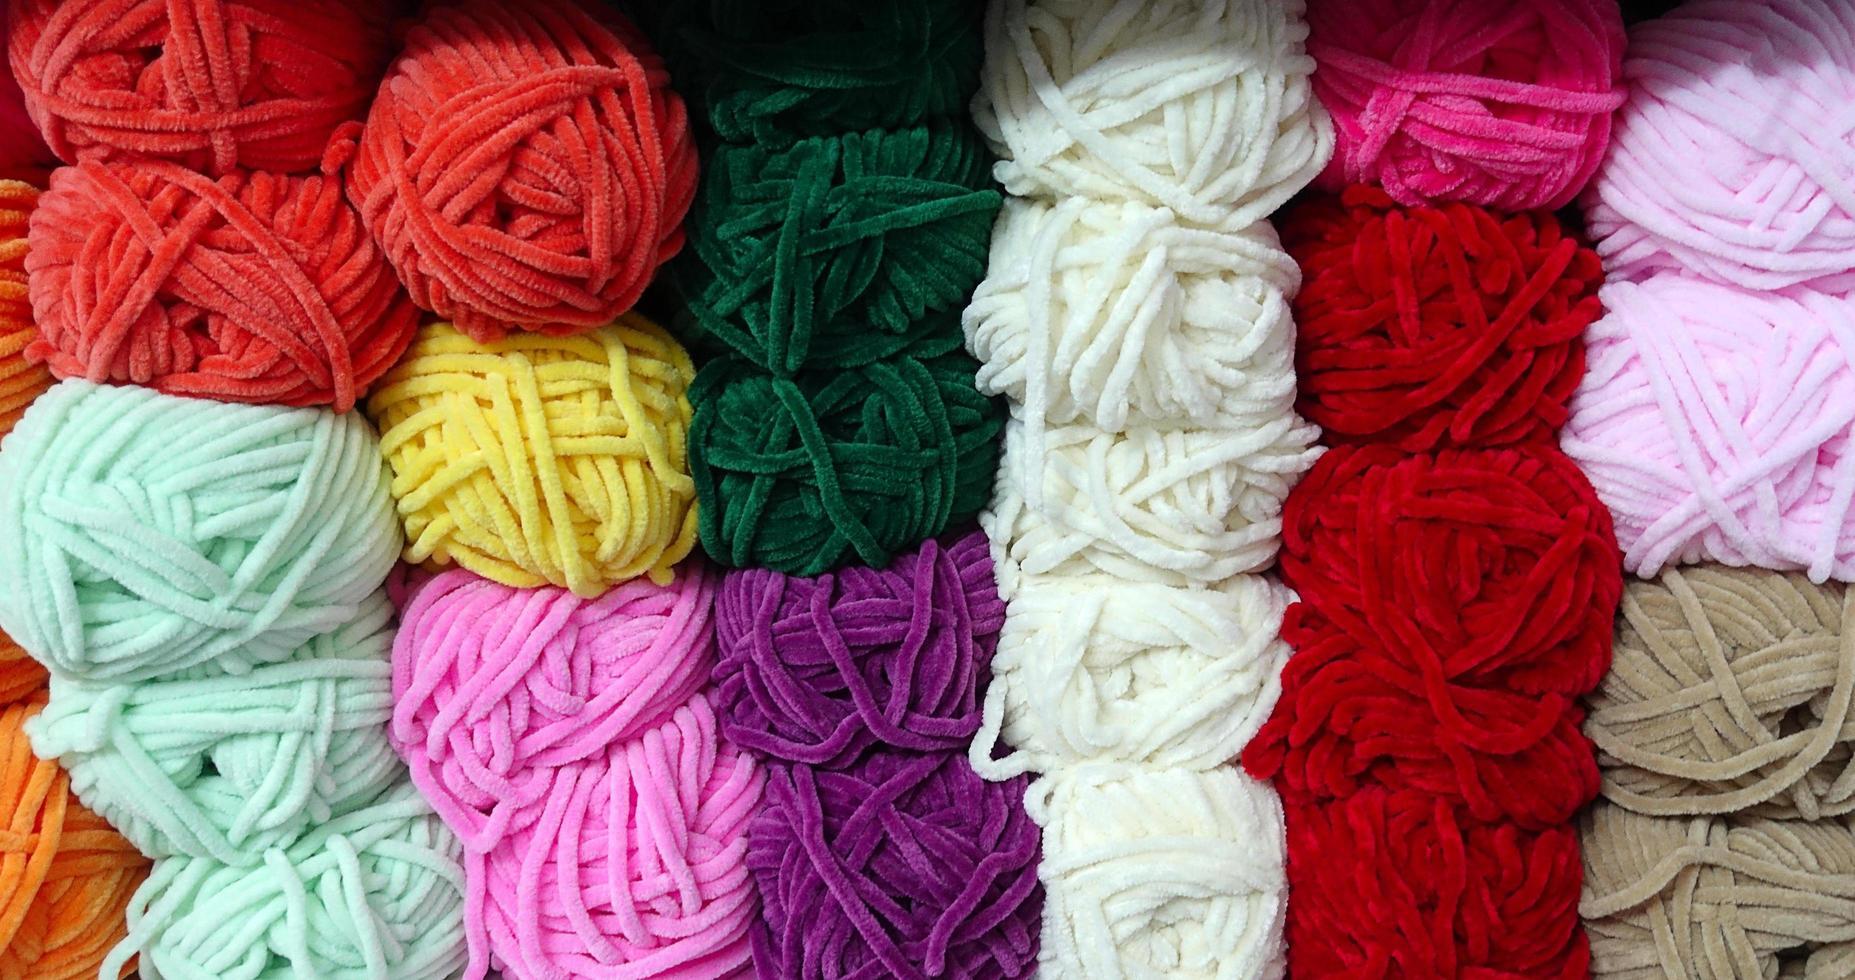 Rollos de tela industrial de material textil colorido de algodón foto